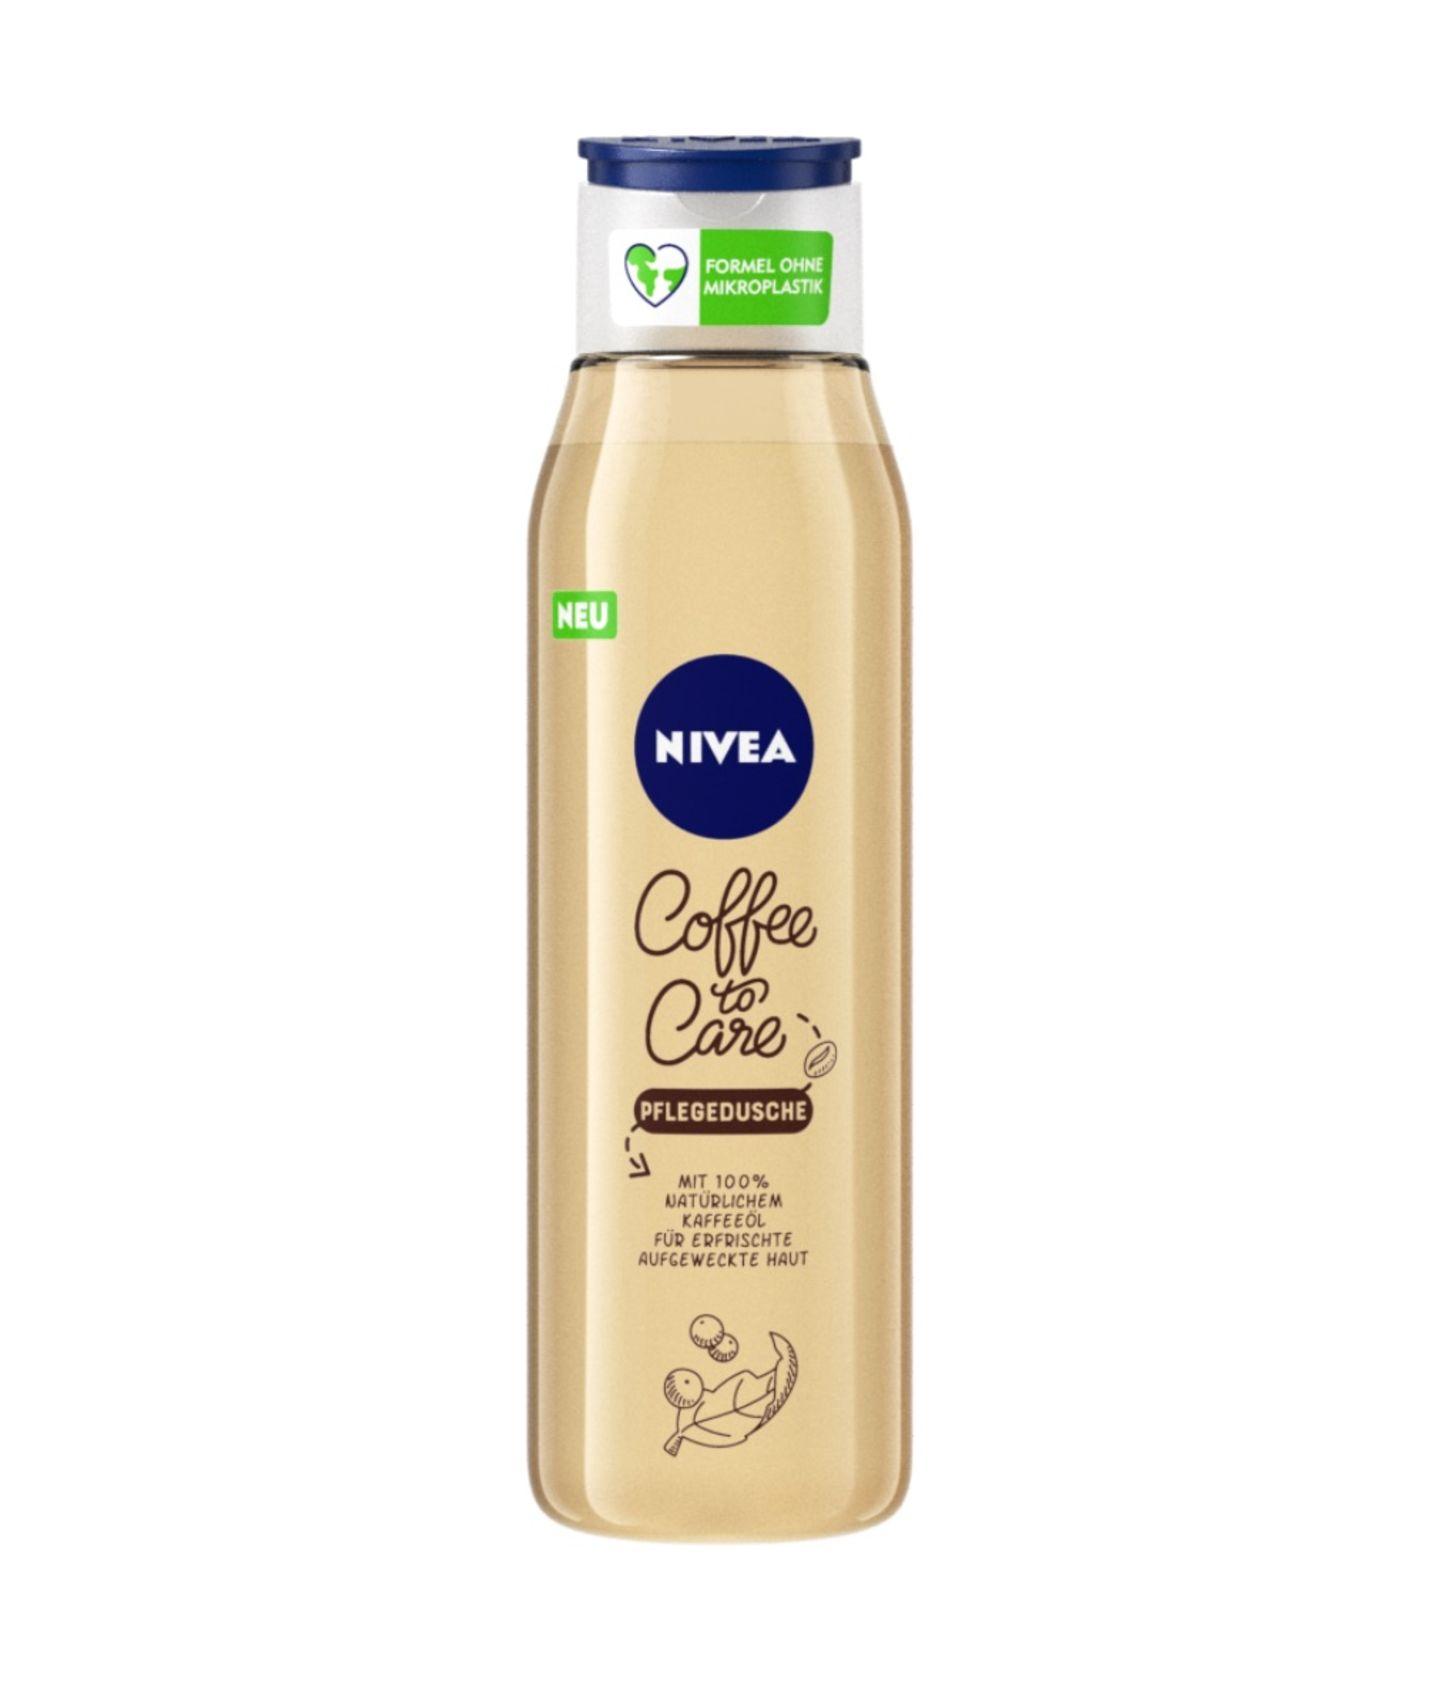 Ein Kaffee am Morgen vertreibt Kummer und Sorgen. Kein Wunder also,dass die neue NIVEA Coffee to Care-Pflegeserie direkt in unser Bad einzieht. Mit 100% natürlichem Kaffee-Öl aus recyceltem Kaffeesatz und 98% Inhaltsstoffen natürlichen Ursprungs bietet sie den perfekten Start in den Tag. Pflegedusche um 5 Euro.